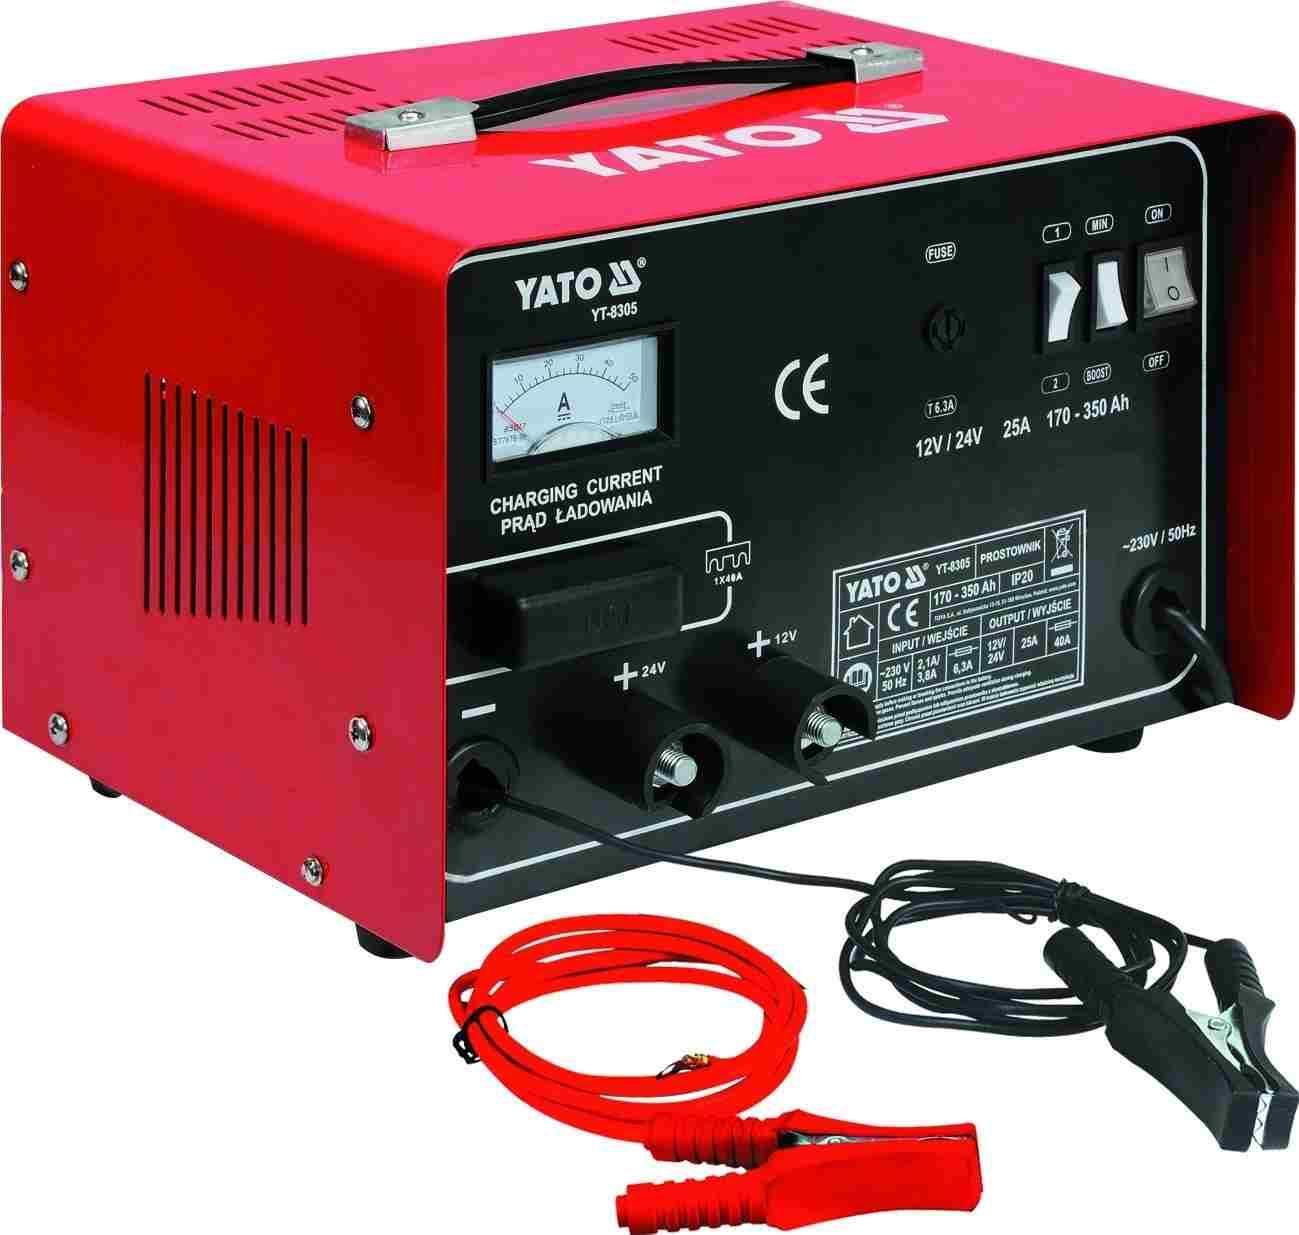 Пуско-зарядное устройство 12/24В 25А 350Ач YATO YT8305